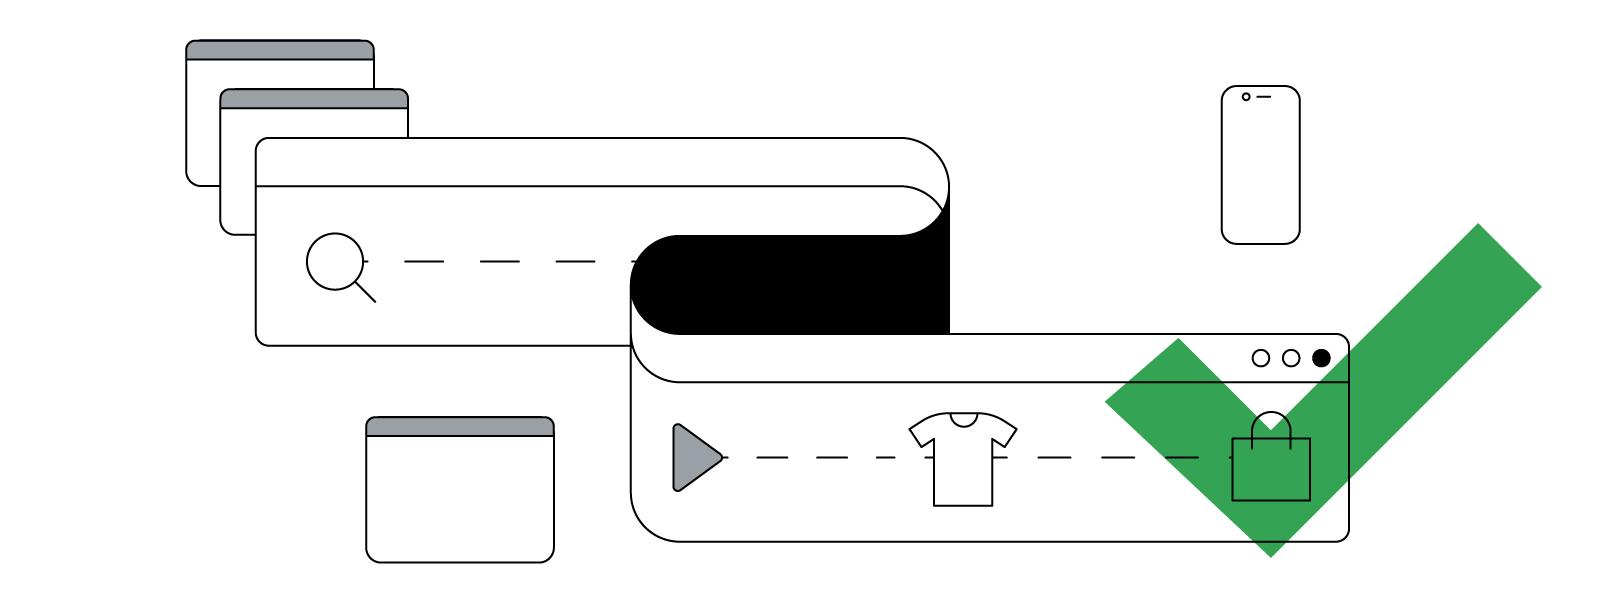 Абстрактное изображение длинного изгибающегося окна браузера, которое символизирует непрямой путь к покупке на разных устройствах, от исследования до приобретения товара.